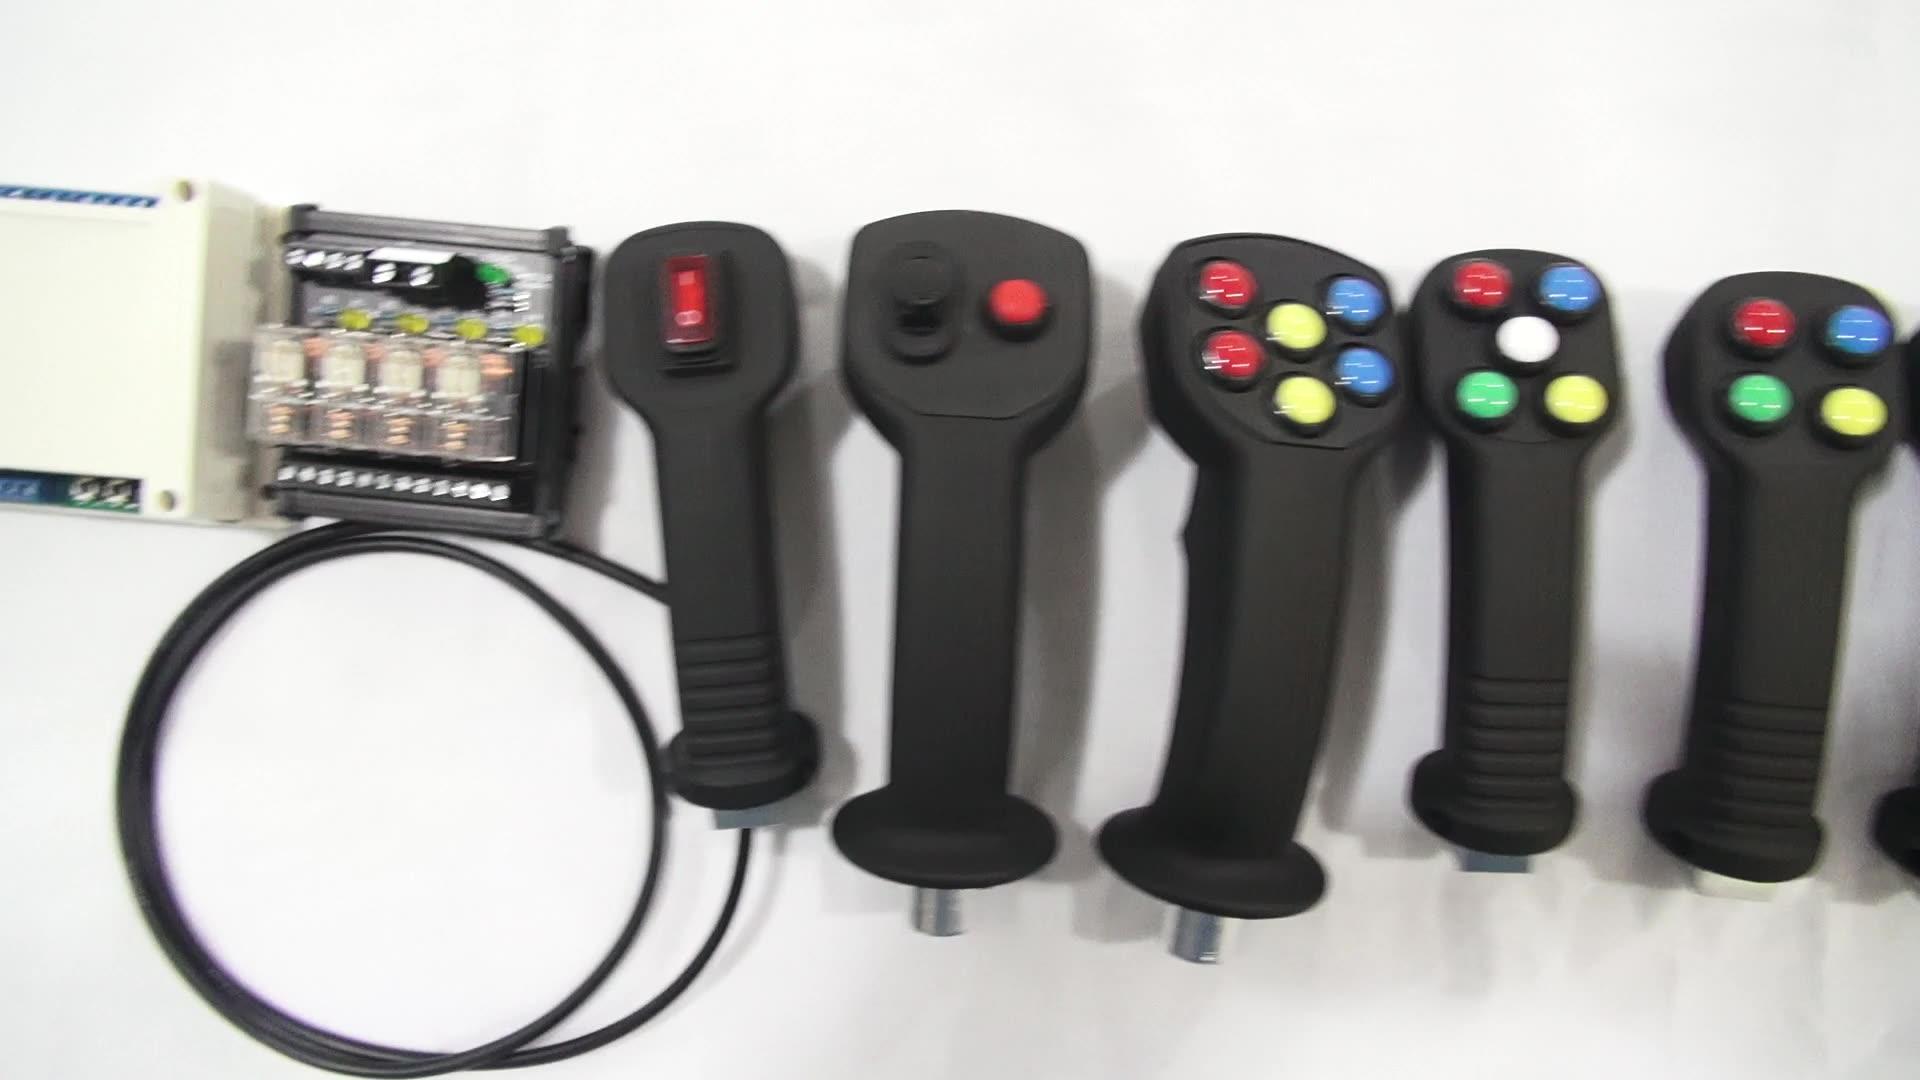 厂家供应收割机机械手一杆操纵智能控制器电控盒子 农机电控盒子